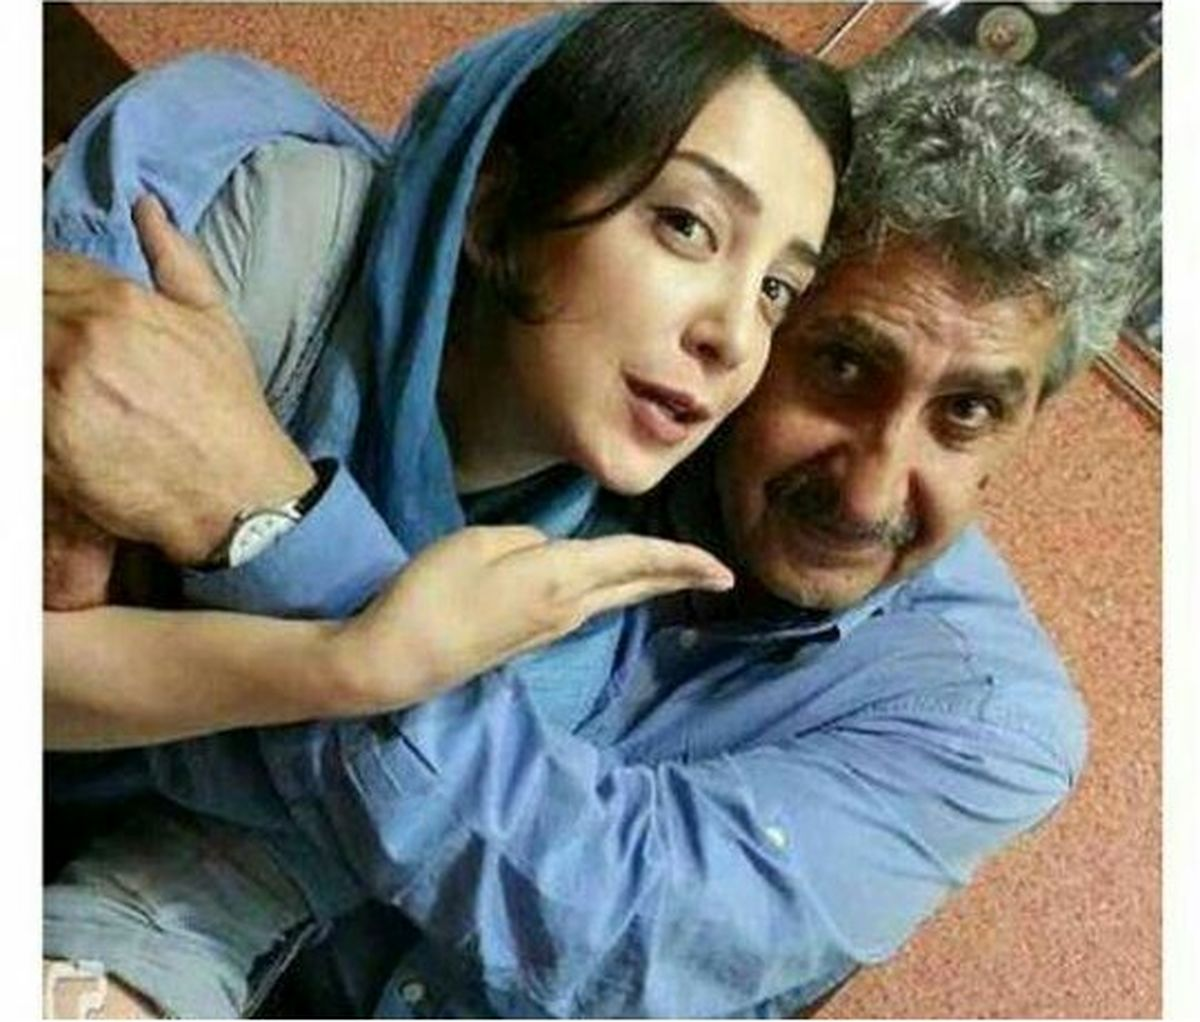 بازیگر زن مشهور در آغوش مردی که عاشقش است + عکس